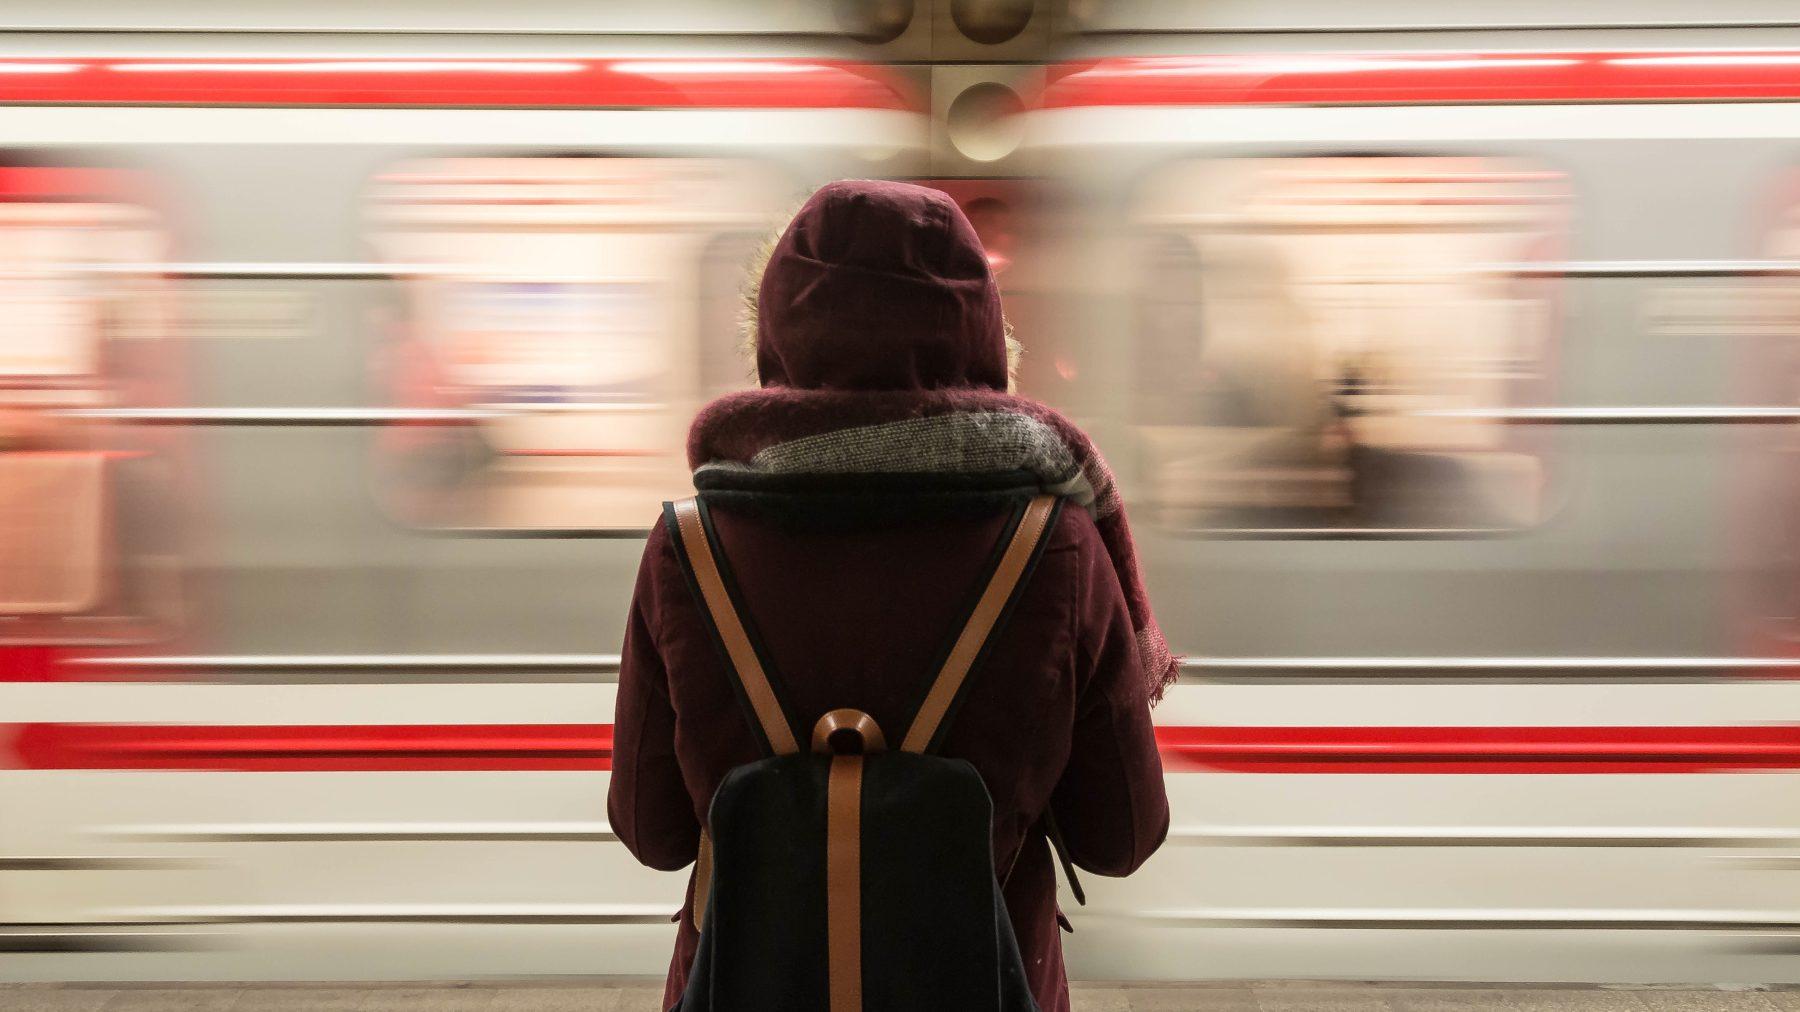 vrouw voor rotterdamse metro geduwd man aangehouden